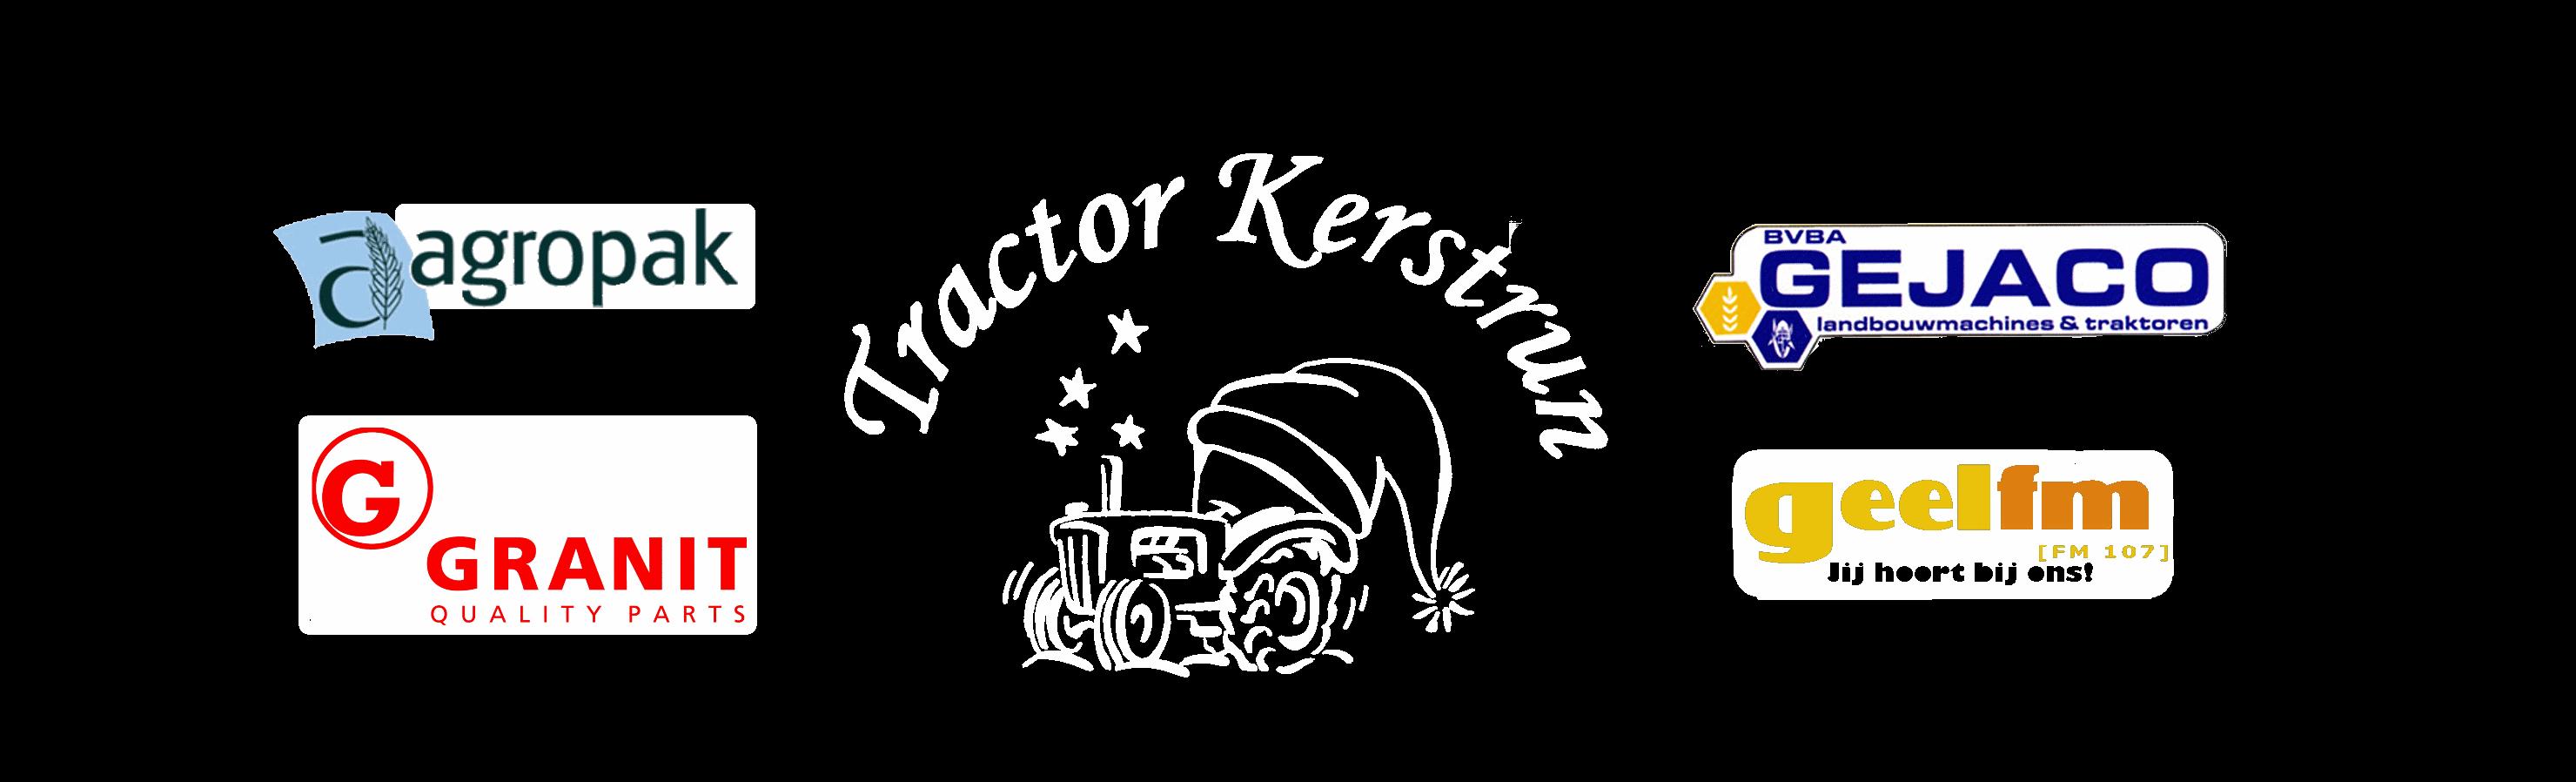 Tractor Kerst Run